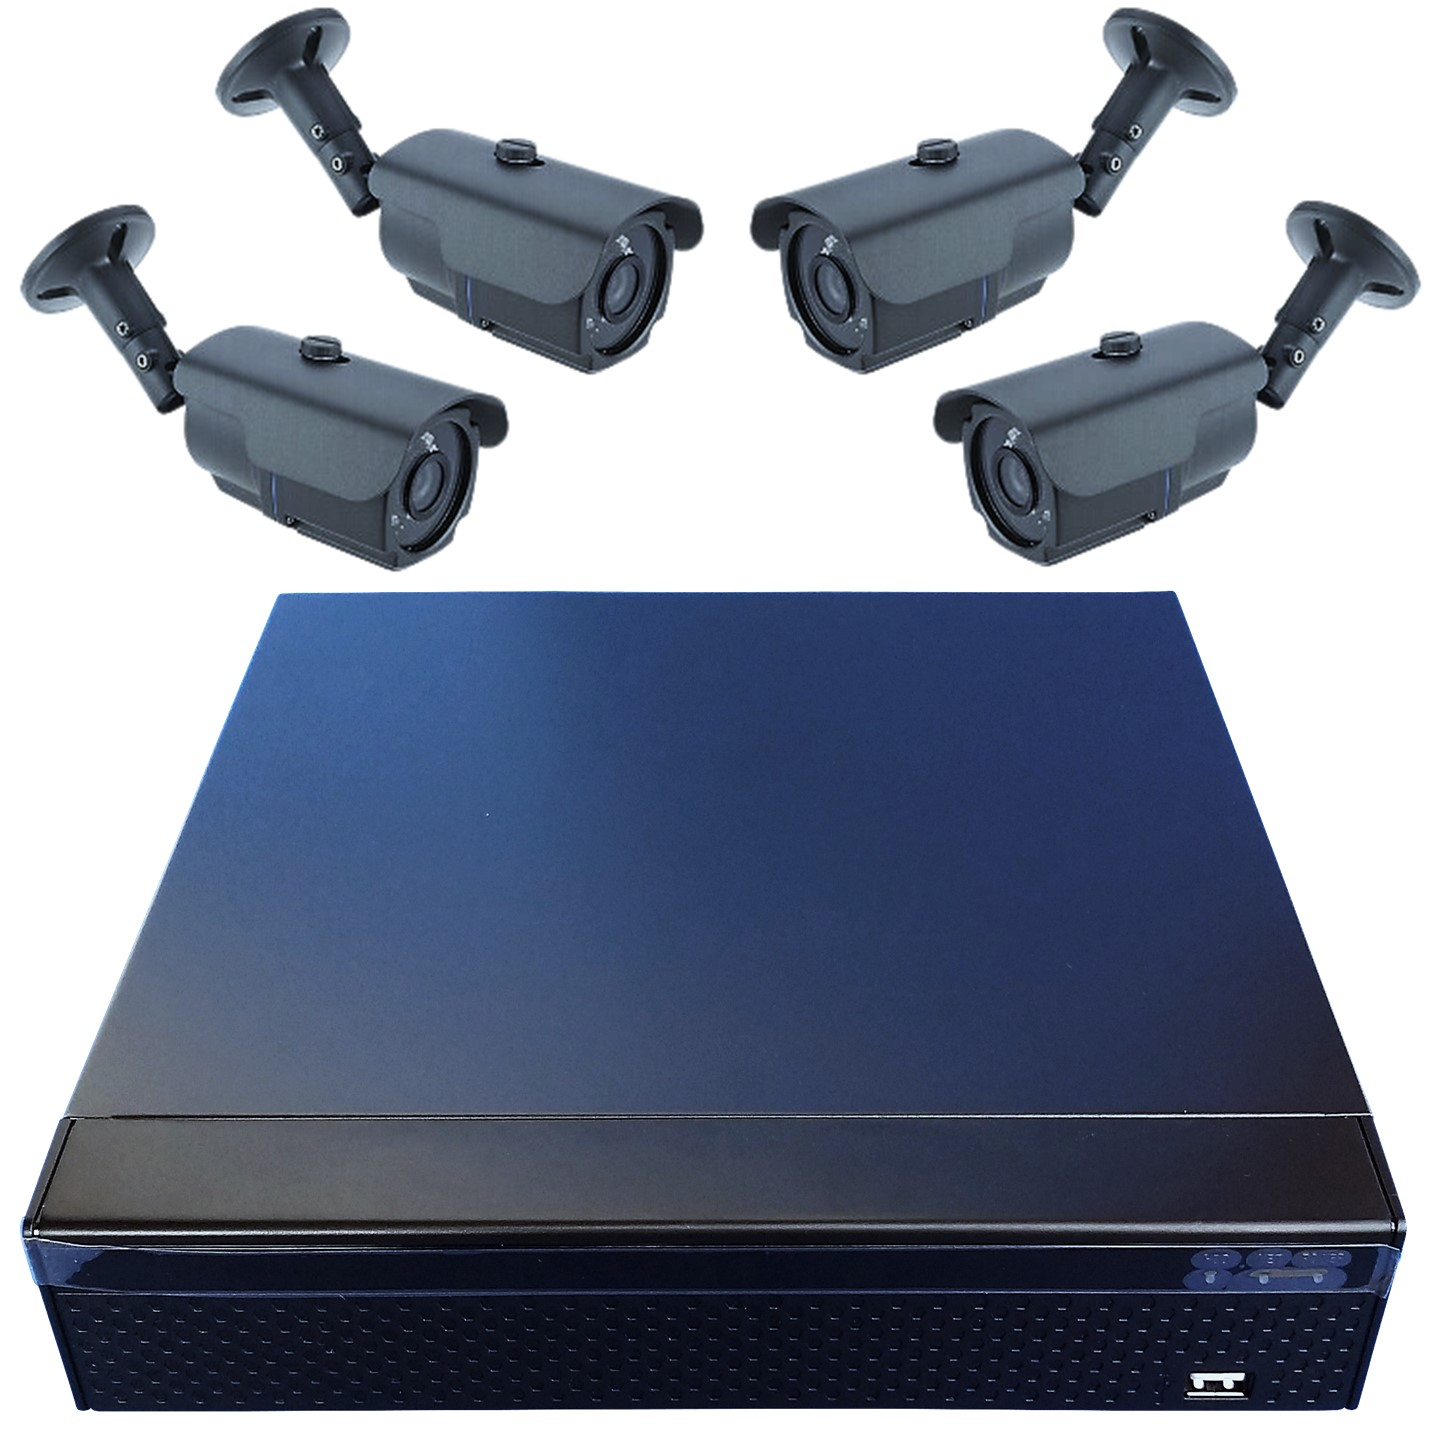 Komplettset mit 4-Kanal Langzeitrekorder Festplattenrekorder Aufzeichnungsgerät und 4 Nachtsichtkameras